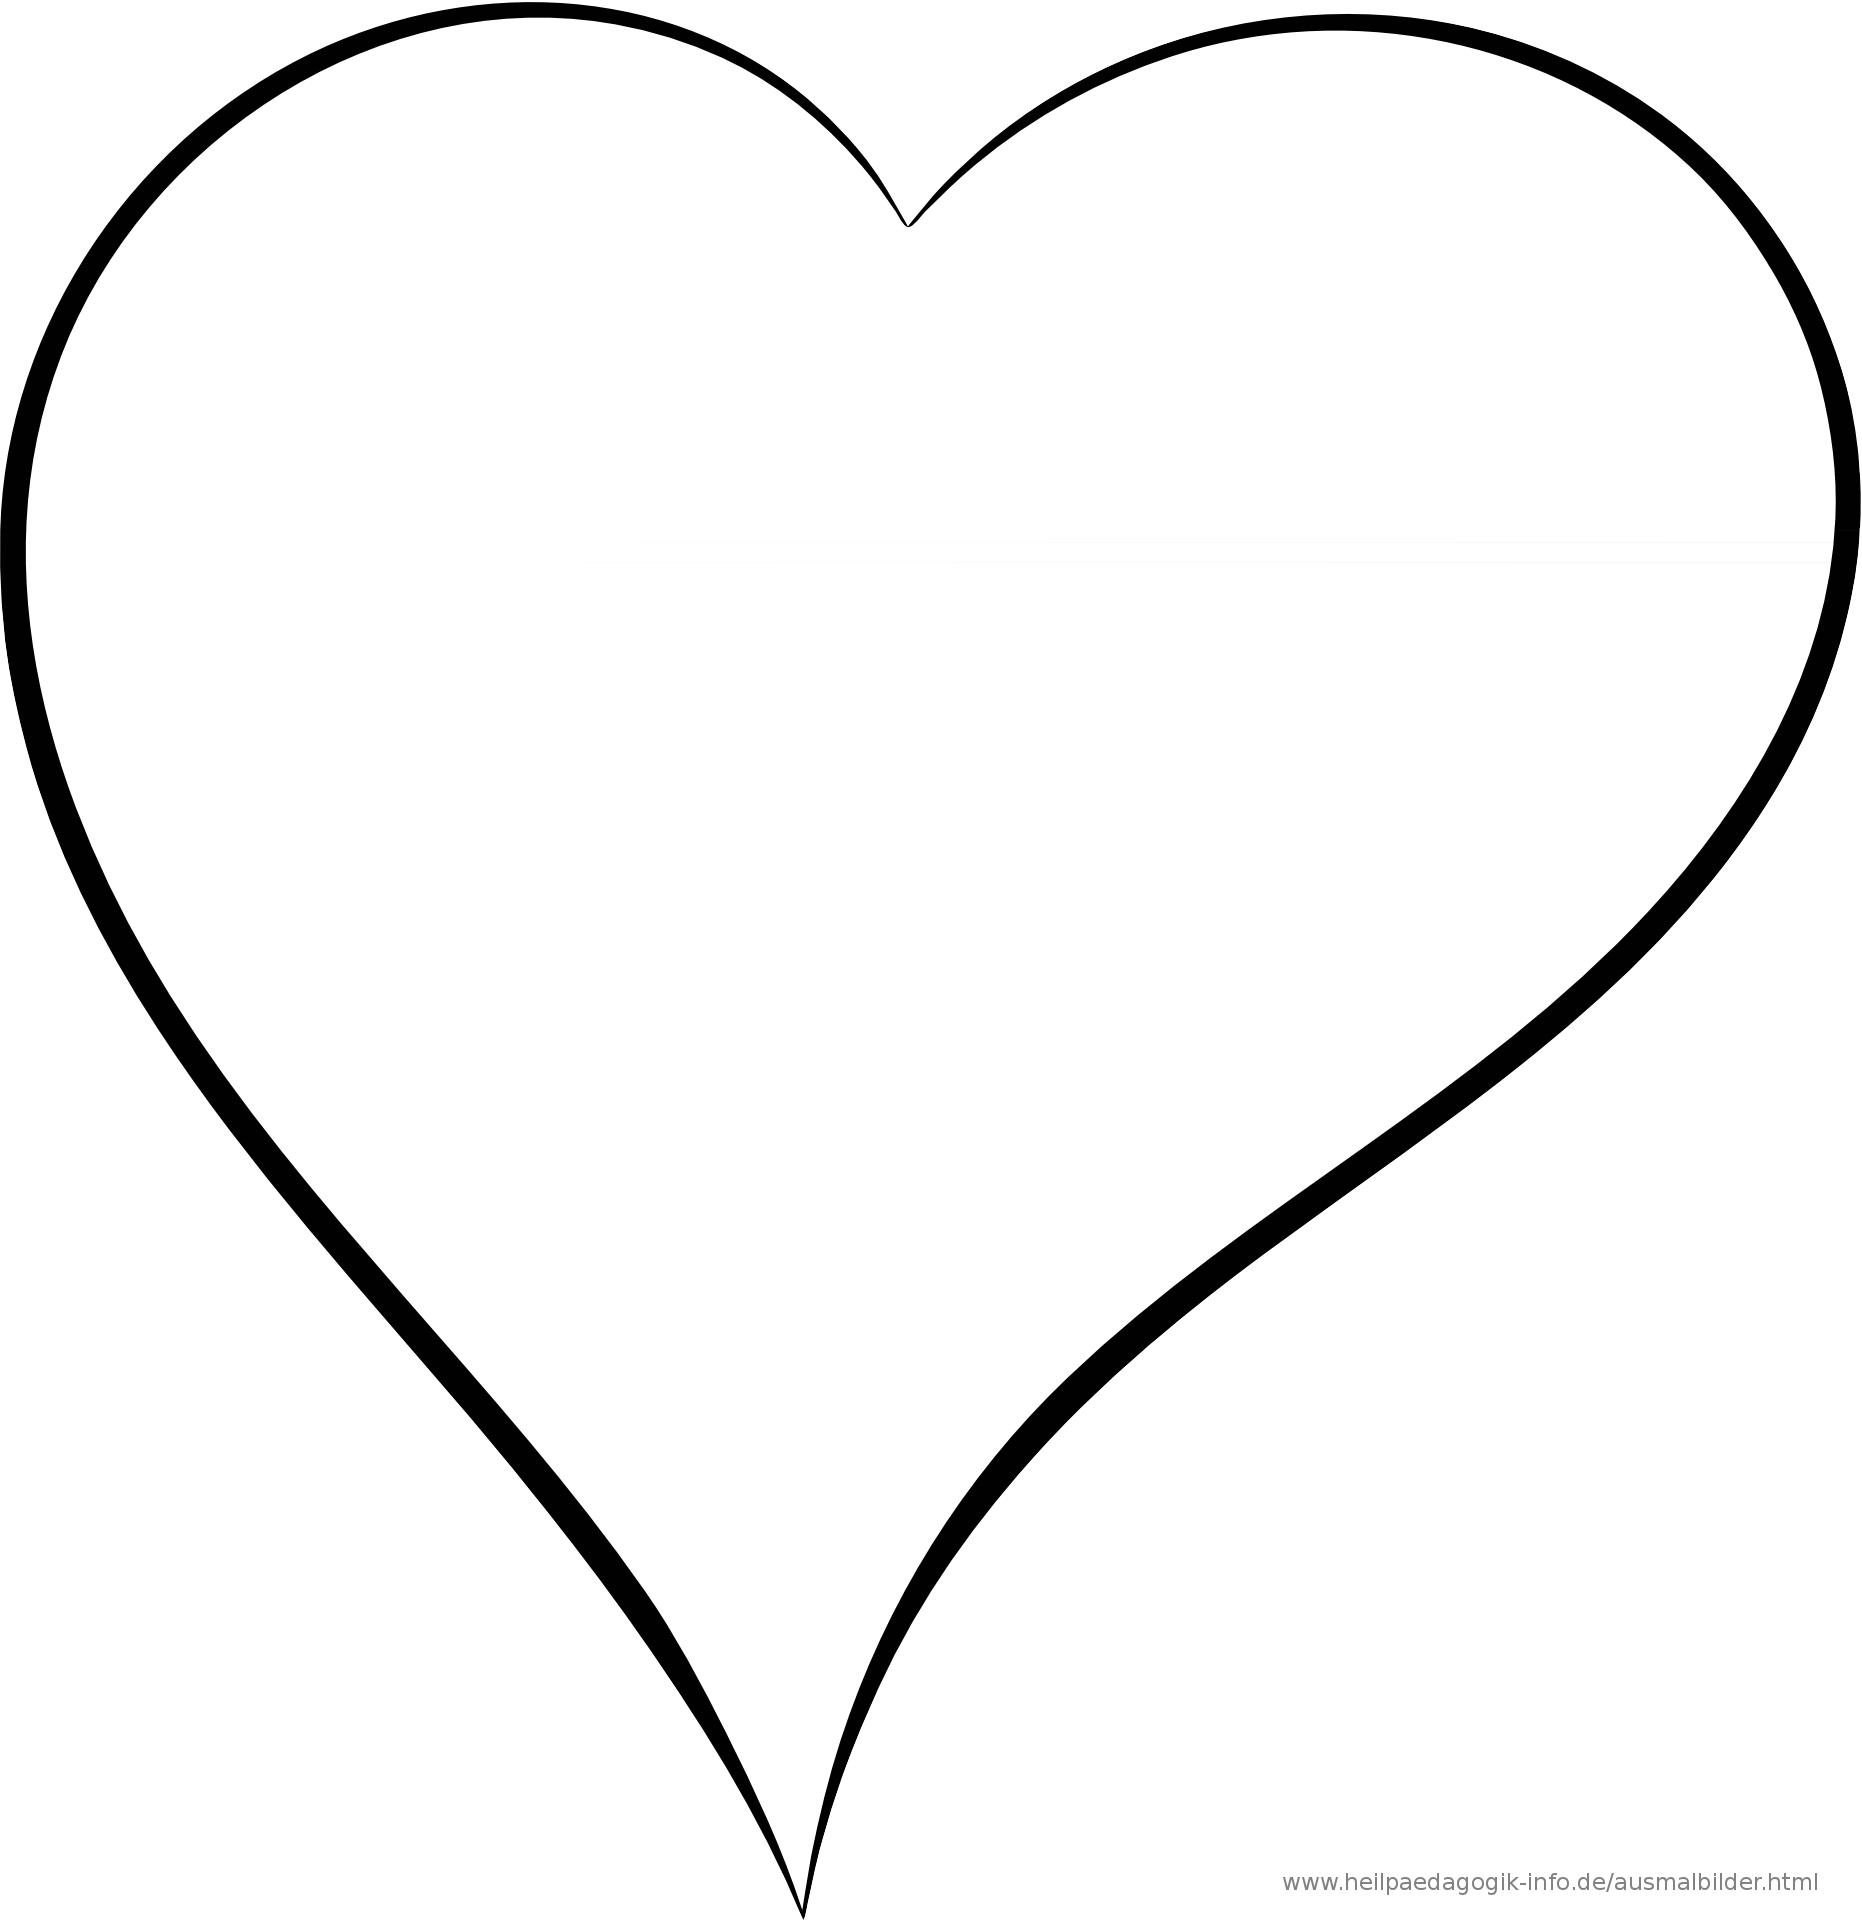 Herz Ausmalbilder